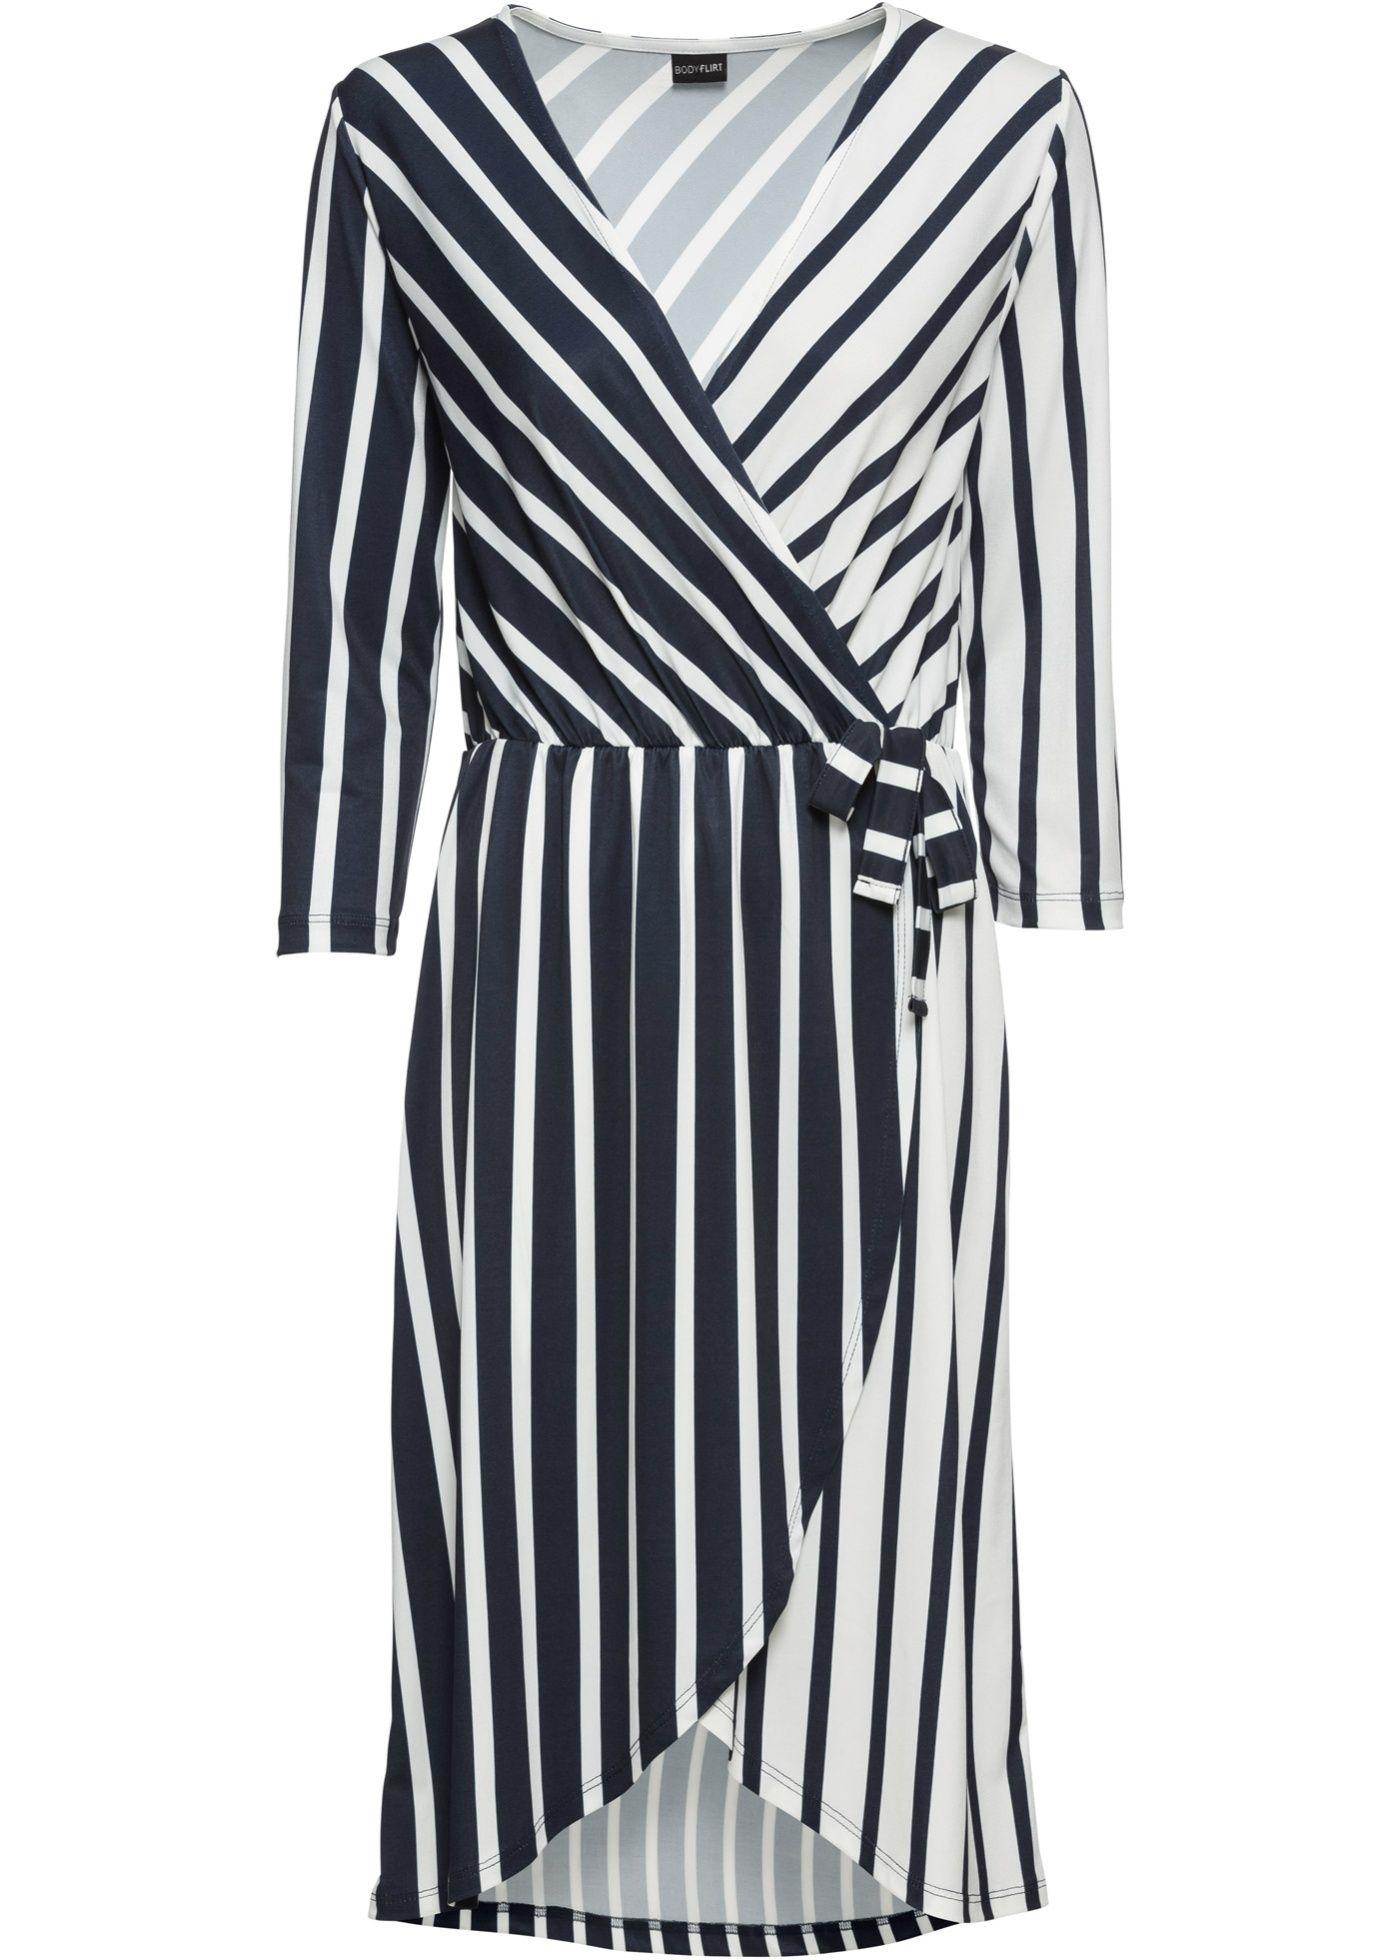 Kleid in Wickeloptik mit abgerundeten Kanten - dunkelblau/weiß